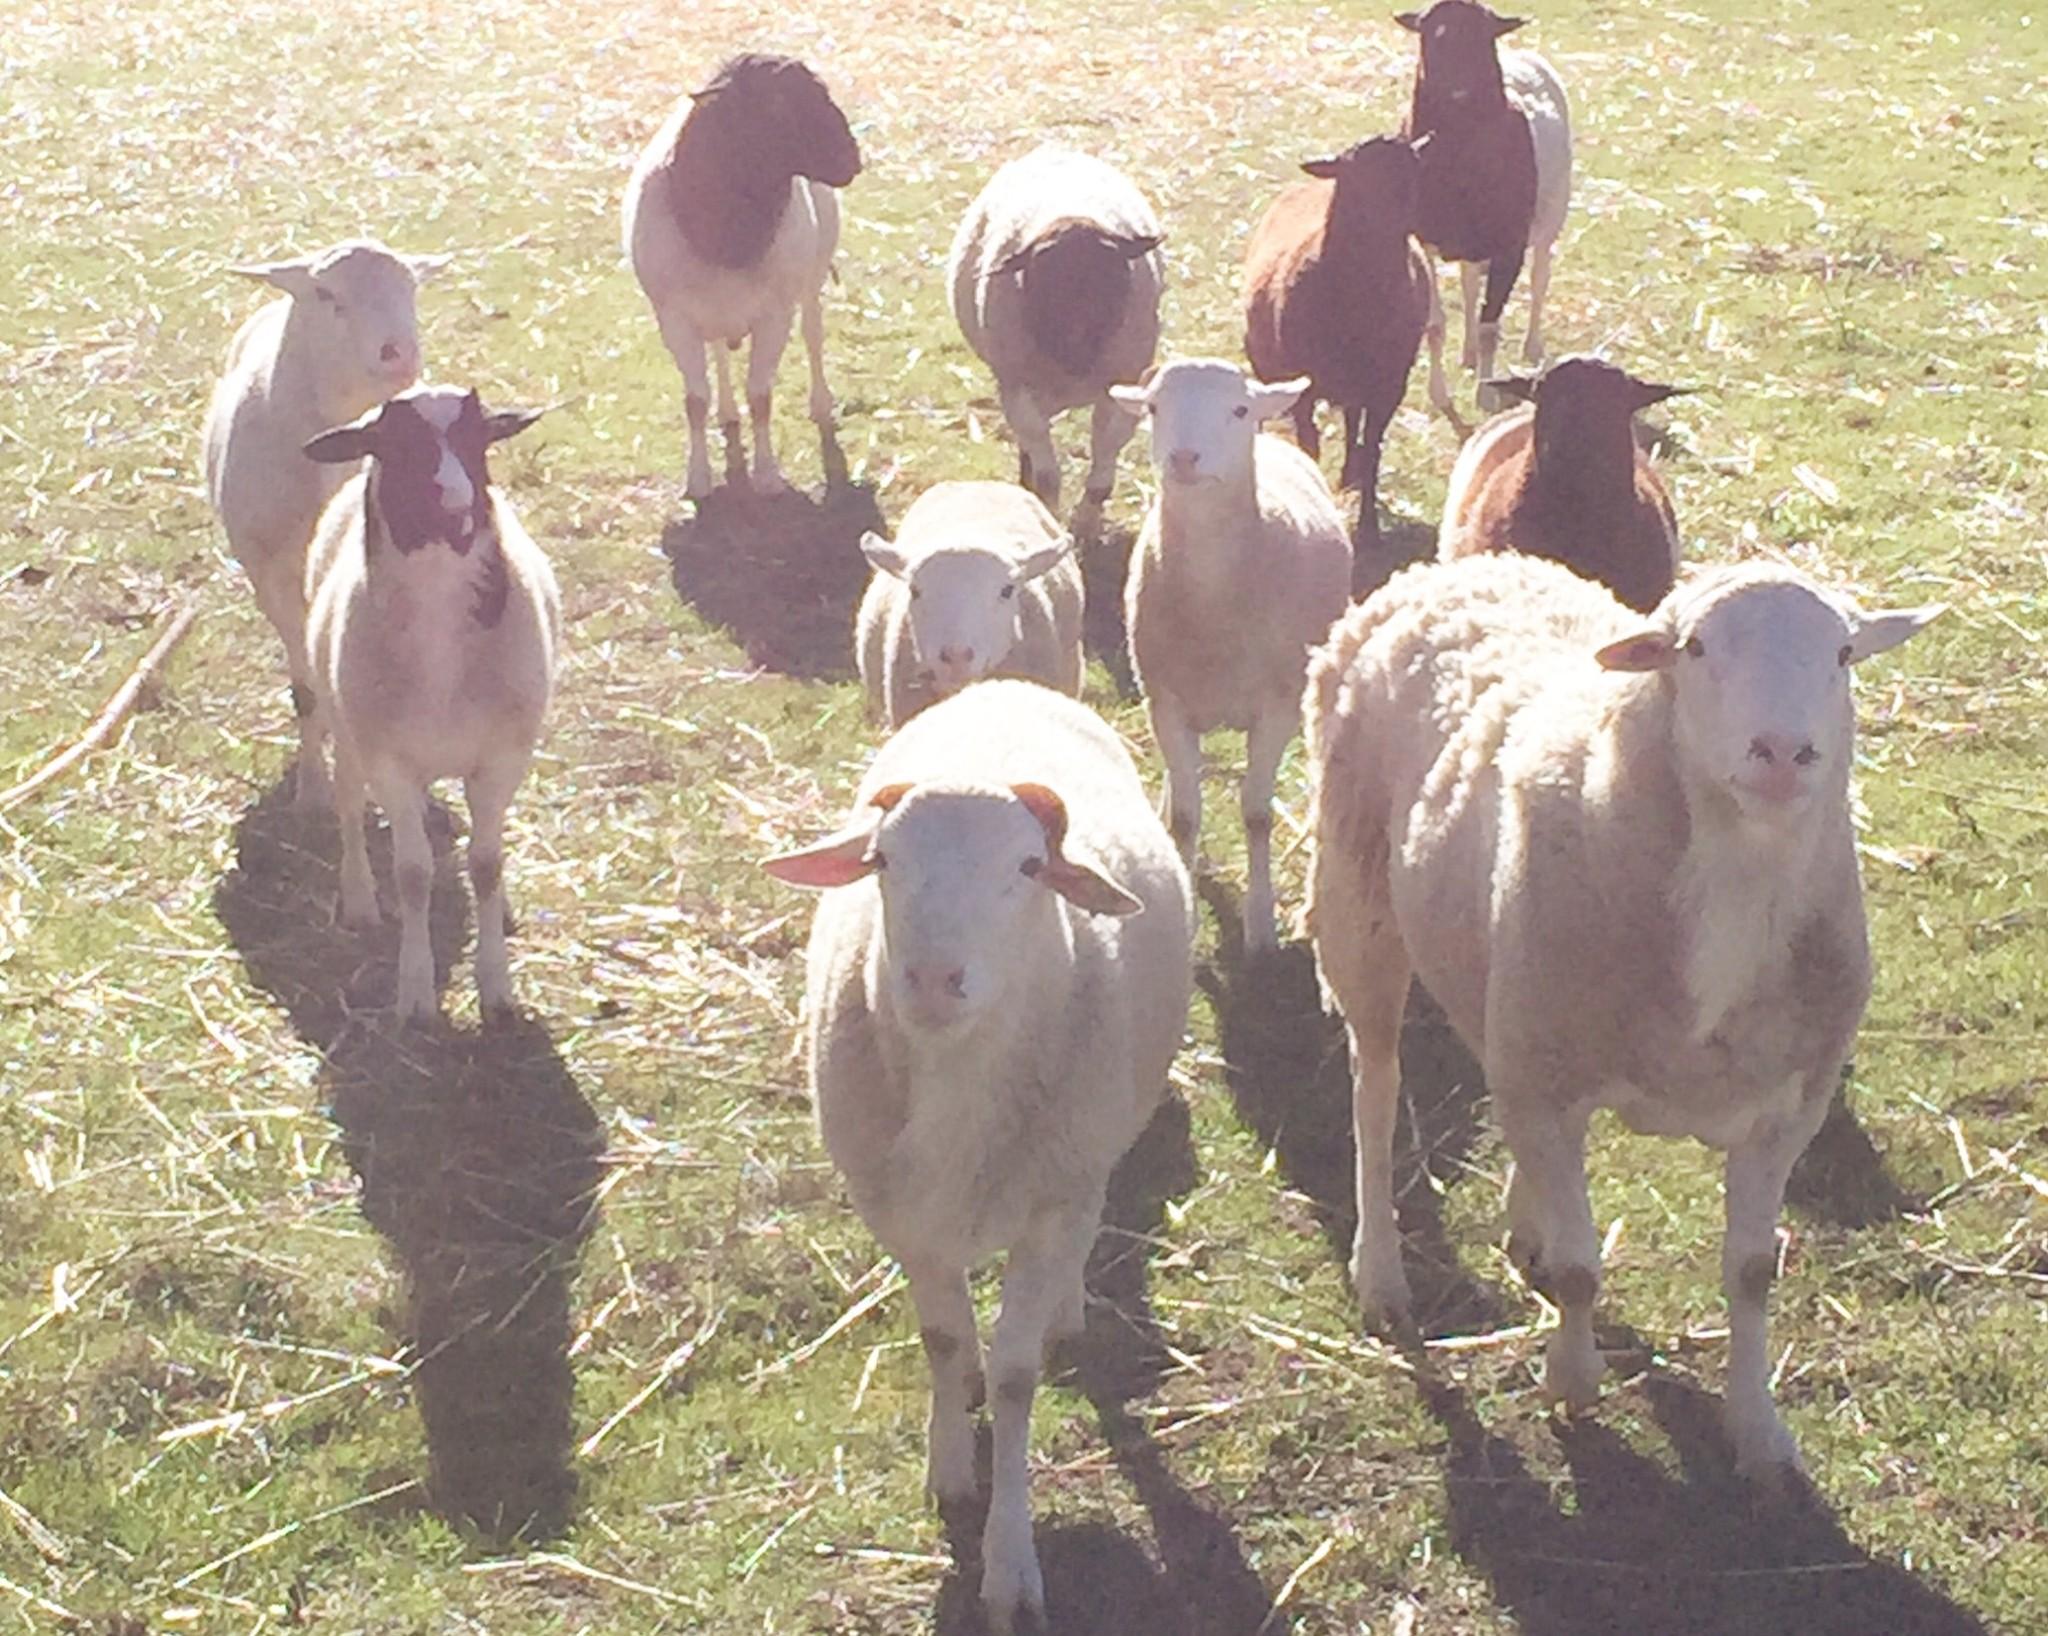 クリスマスはRio Vistaにあるハウスオーナーのご家族のお家におじゃましました。犬なみに懐っこい羊たち。